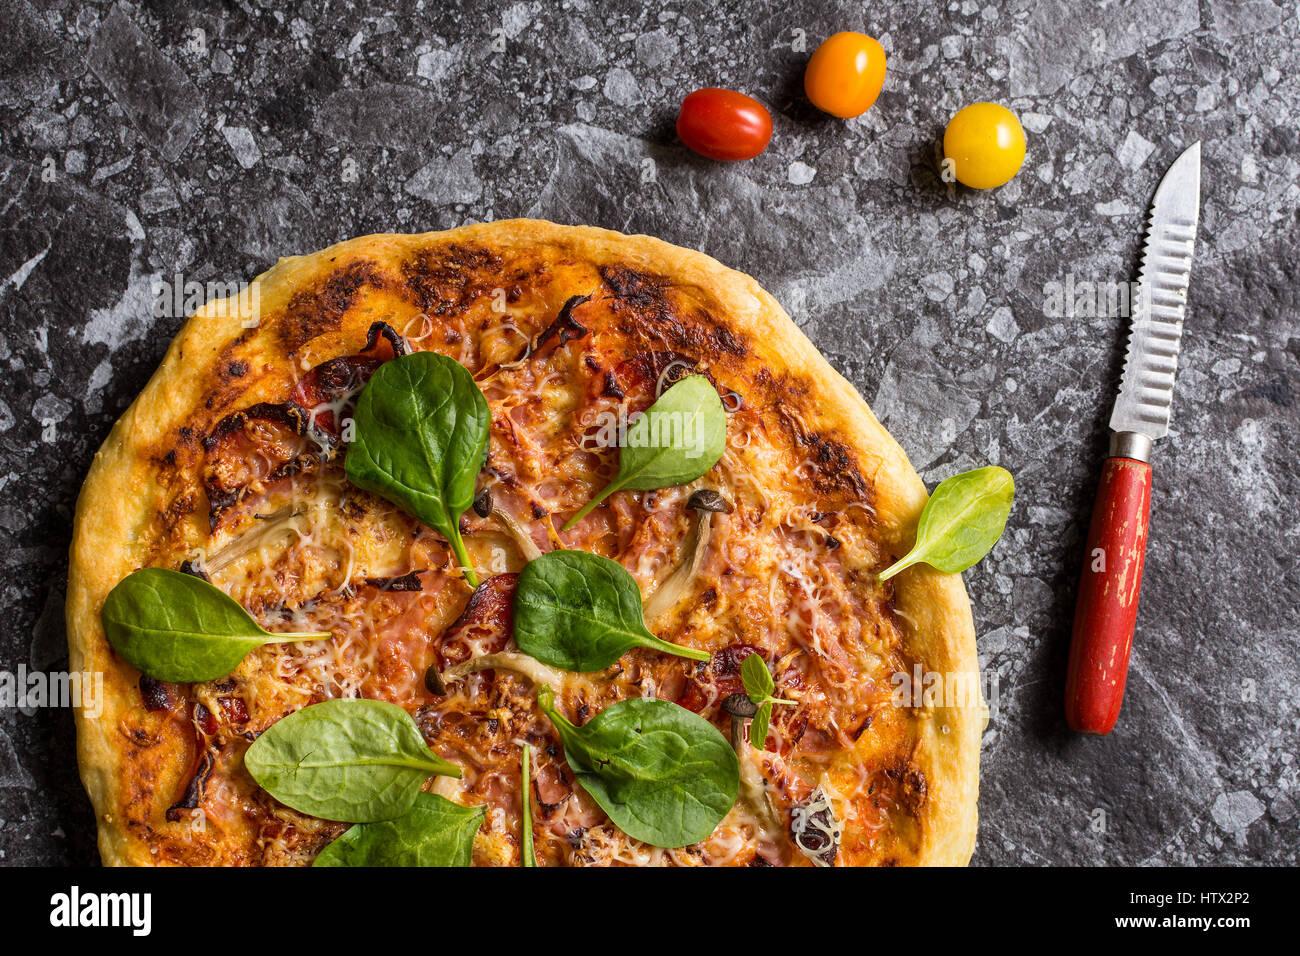 La pizza fatta in casa con formaggio, prosciutto, salame, baby spinaci e funghi shimeji. Sfornato fresco il cibo Immagini Stock